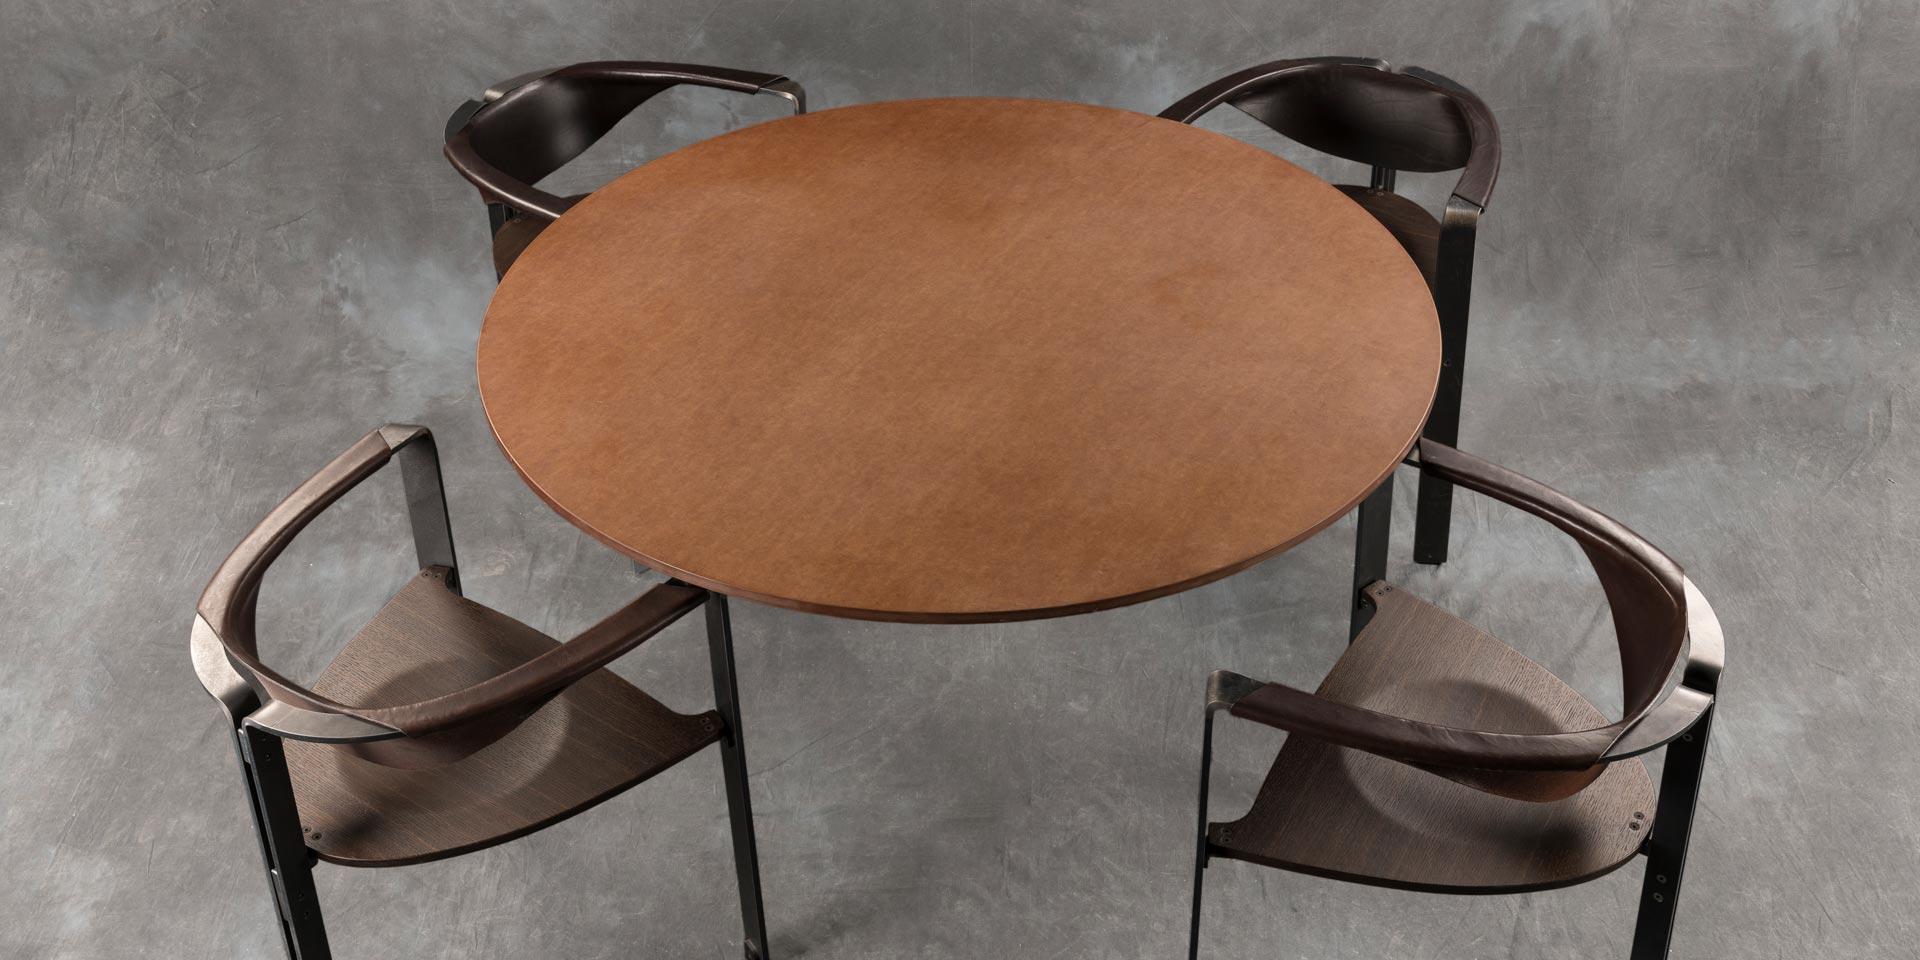 E-mobilier-Mandala-mea-16_04-013